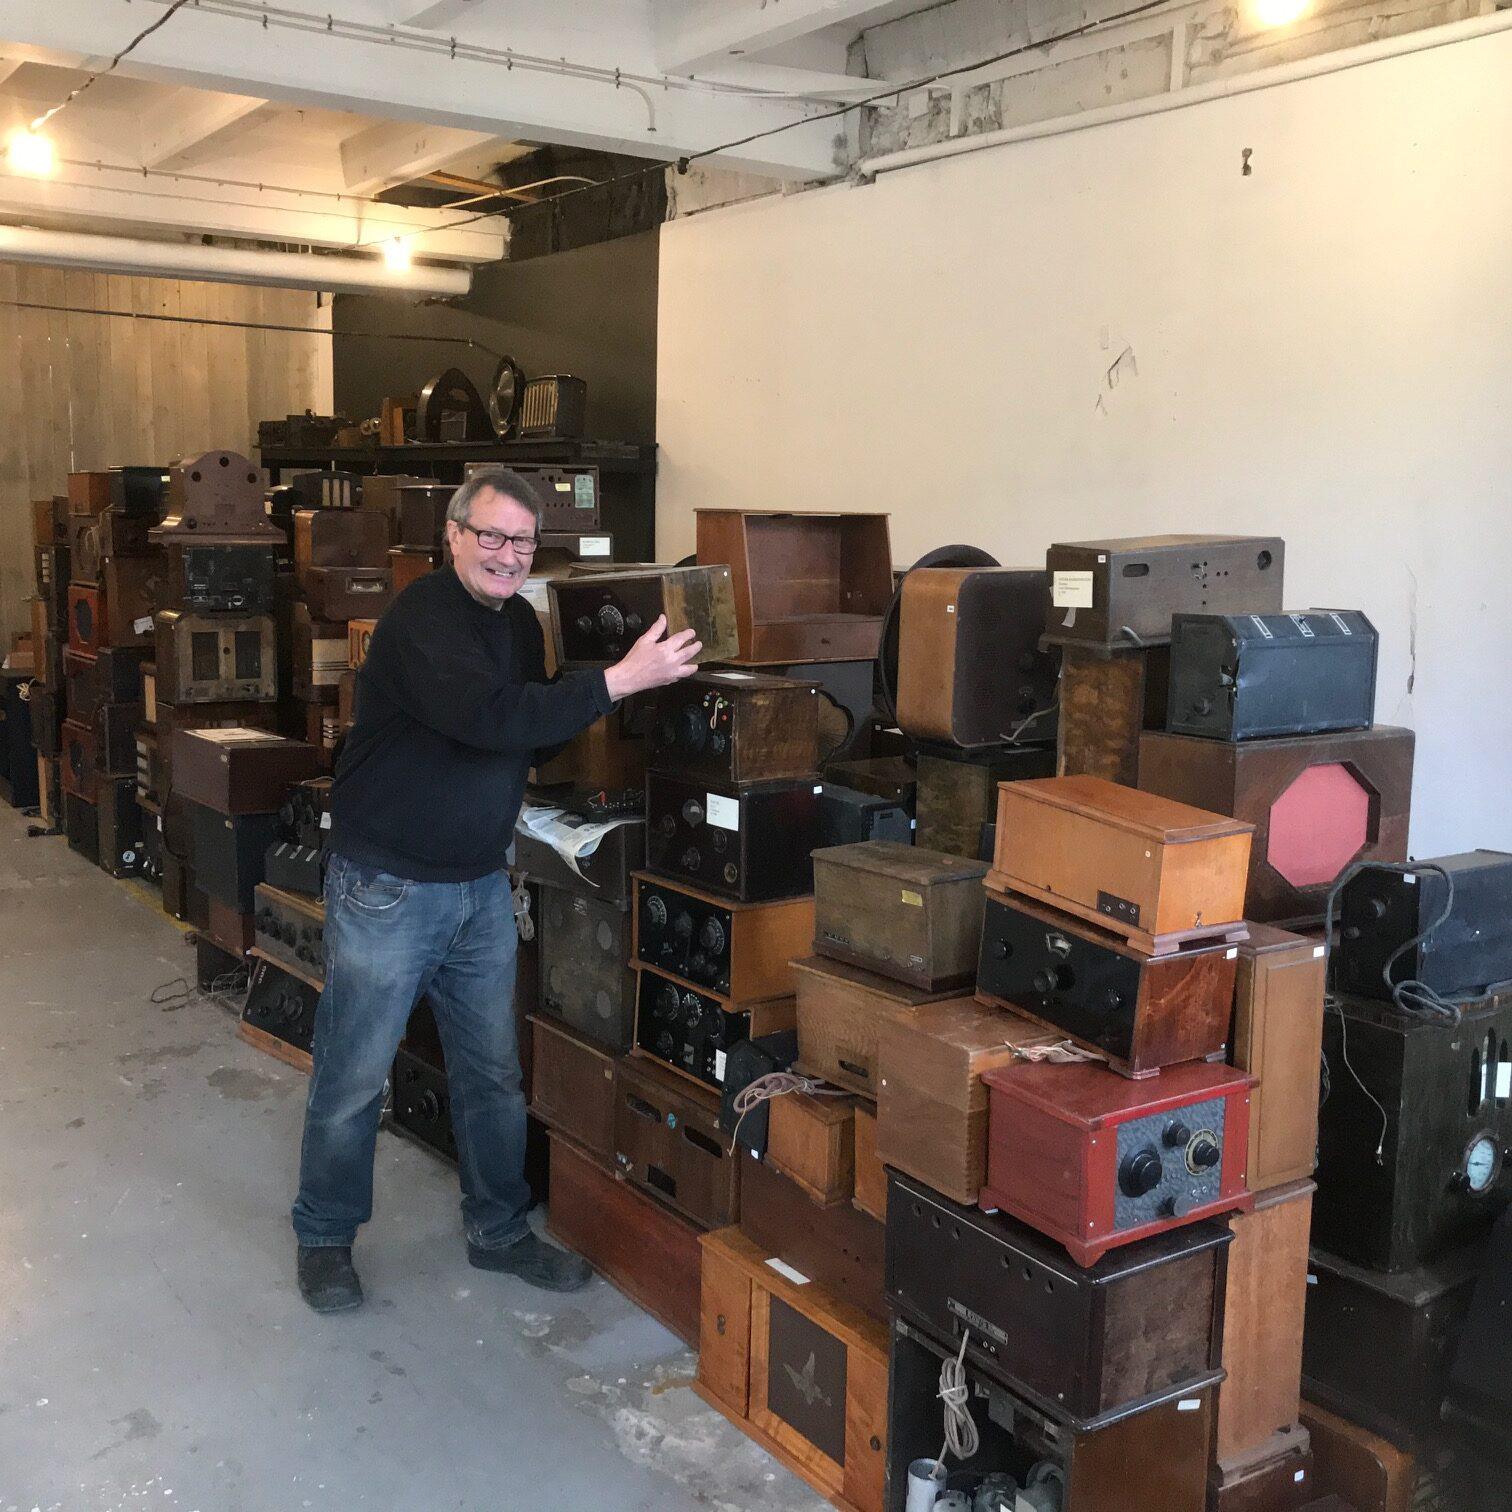 En man staplar radioapparater.